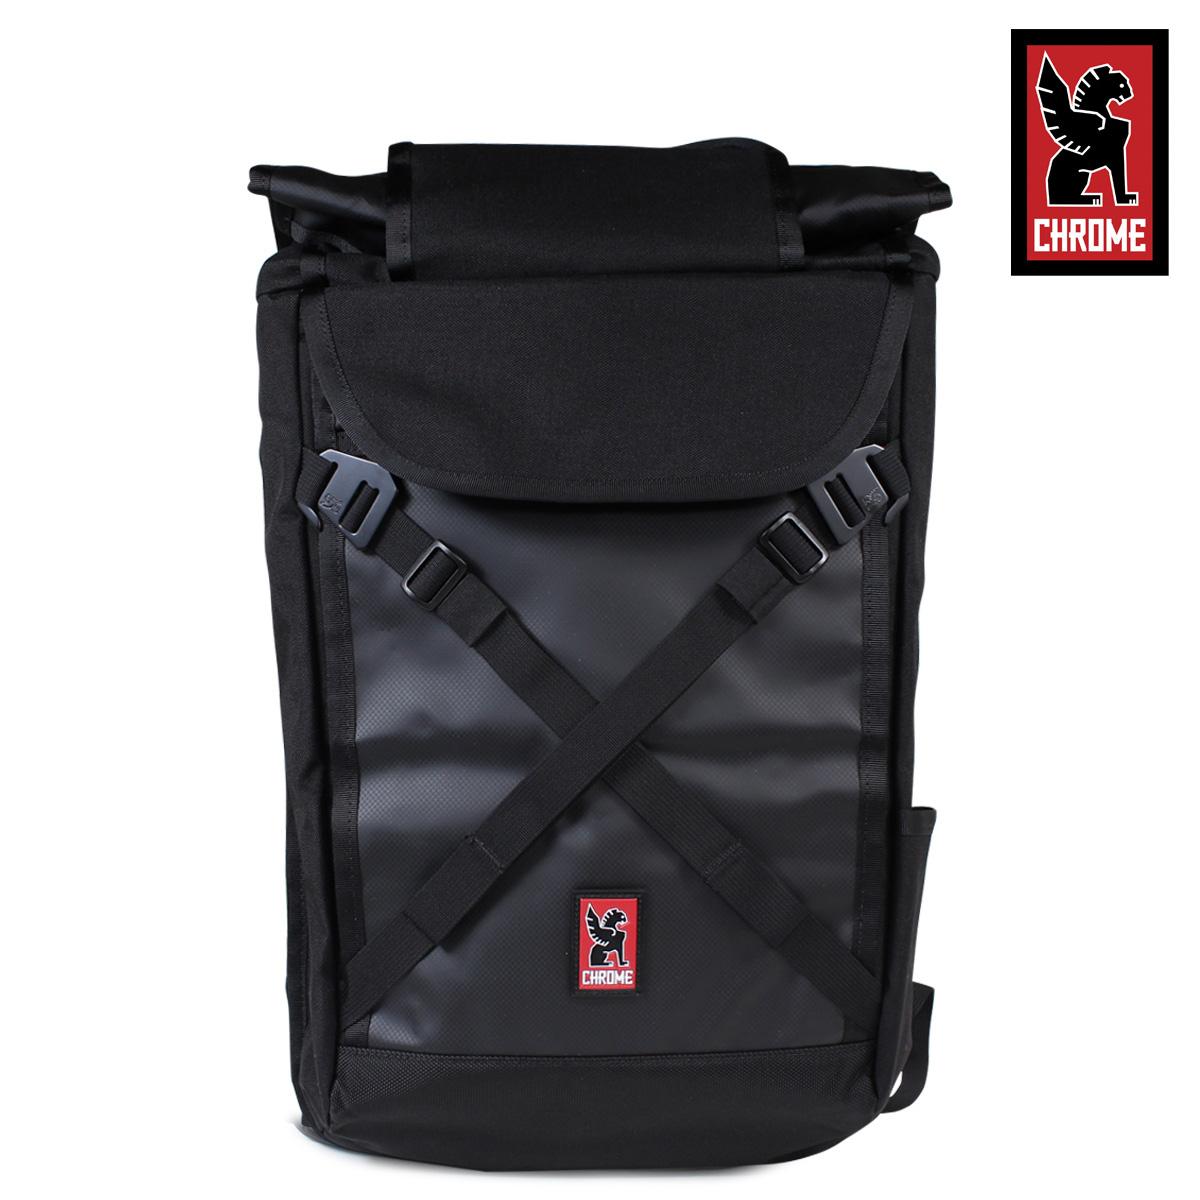 【最大2000円OFFクーポン】 クローム CHROME リュック バッグ バックパック BG-190 BRAVO 2.0 ブラック ブラック メンズ レディース